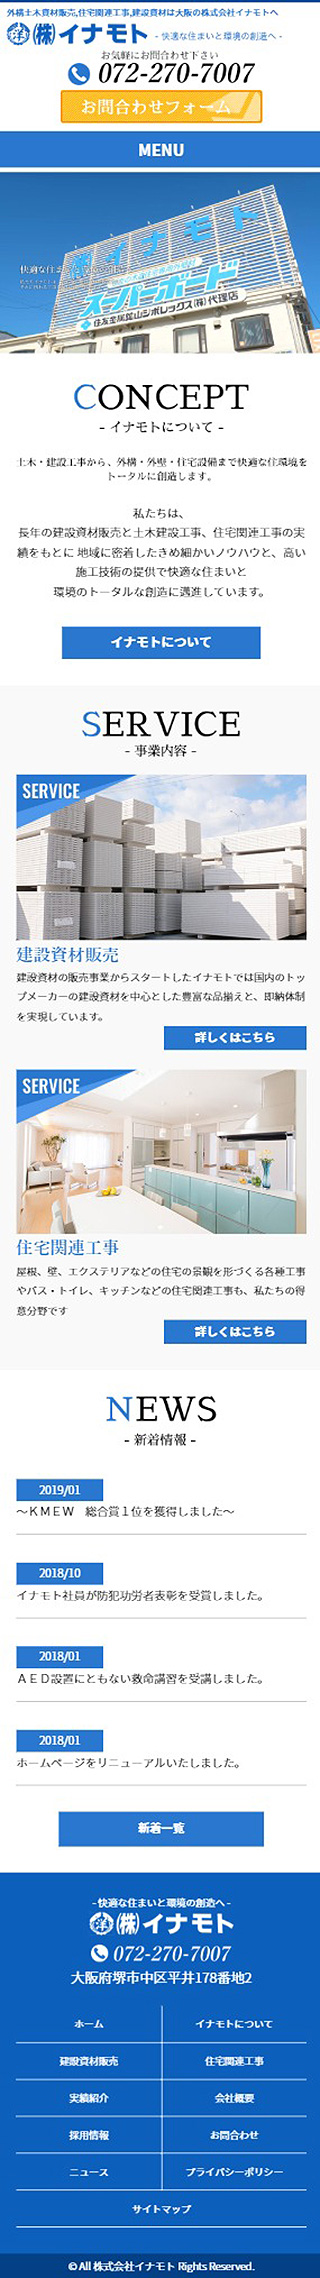 ホームページ制作実績株式会社イナモト様 コーポレートサイト